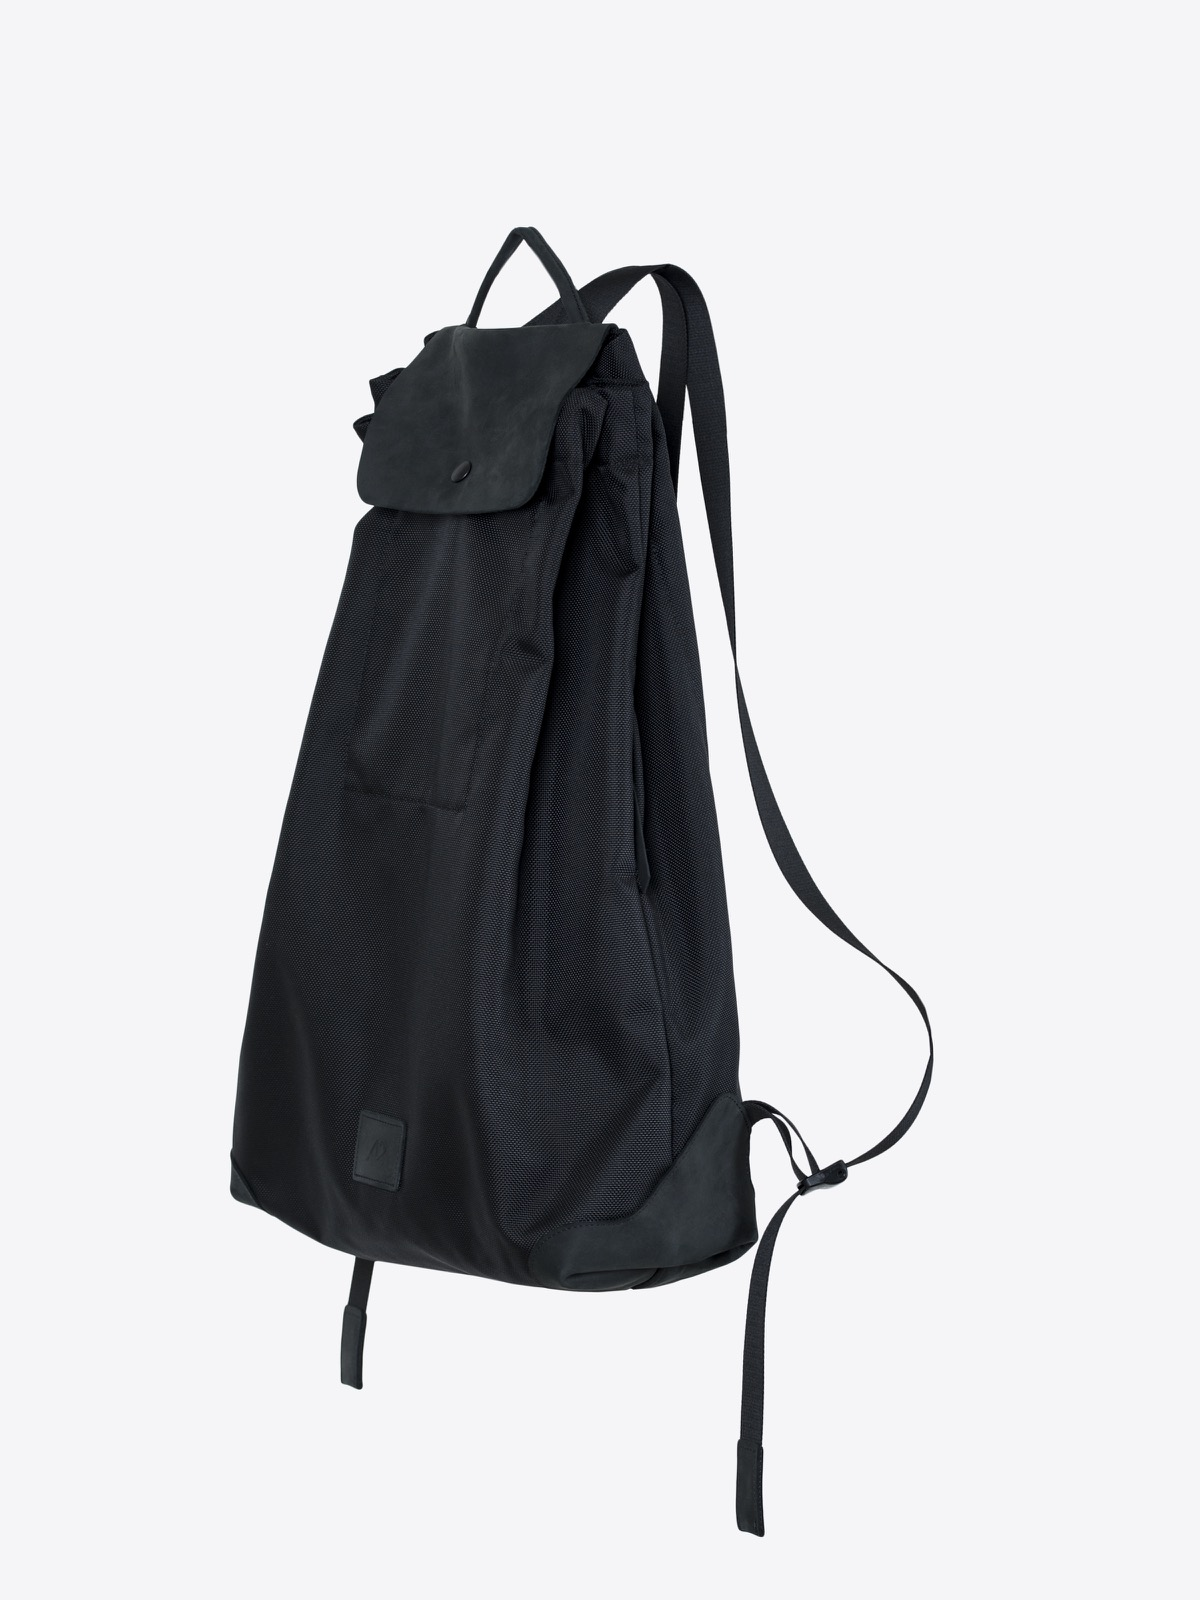 A2 ballistic nylon black